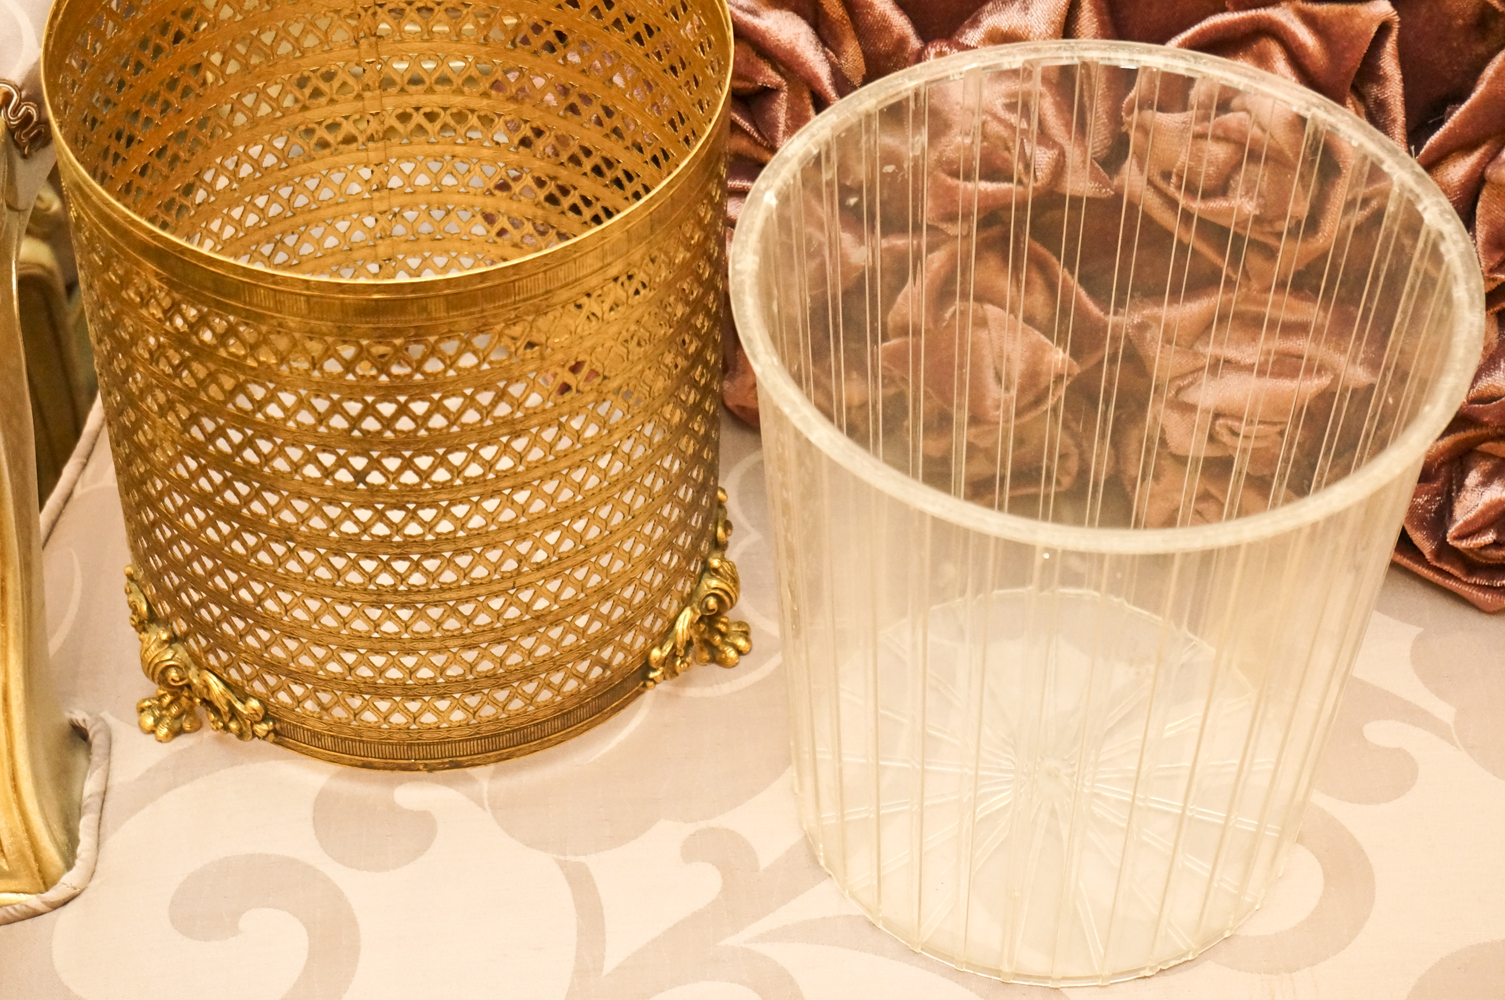 スタイルビルト製 ゴールド ハート ゴミ箱 カバーを外した状態